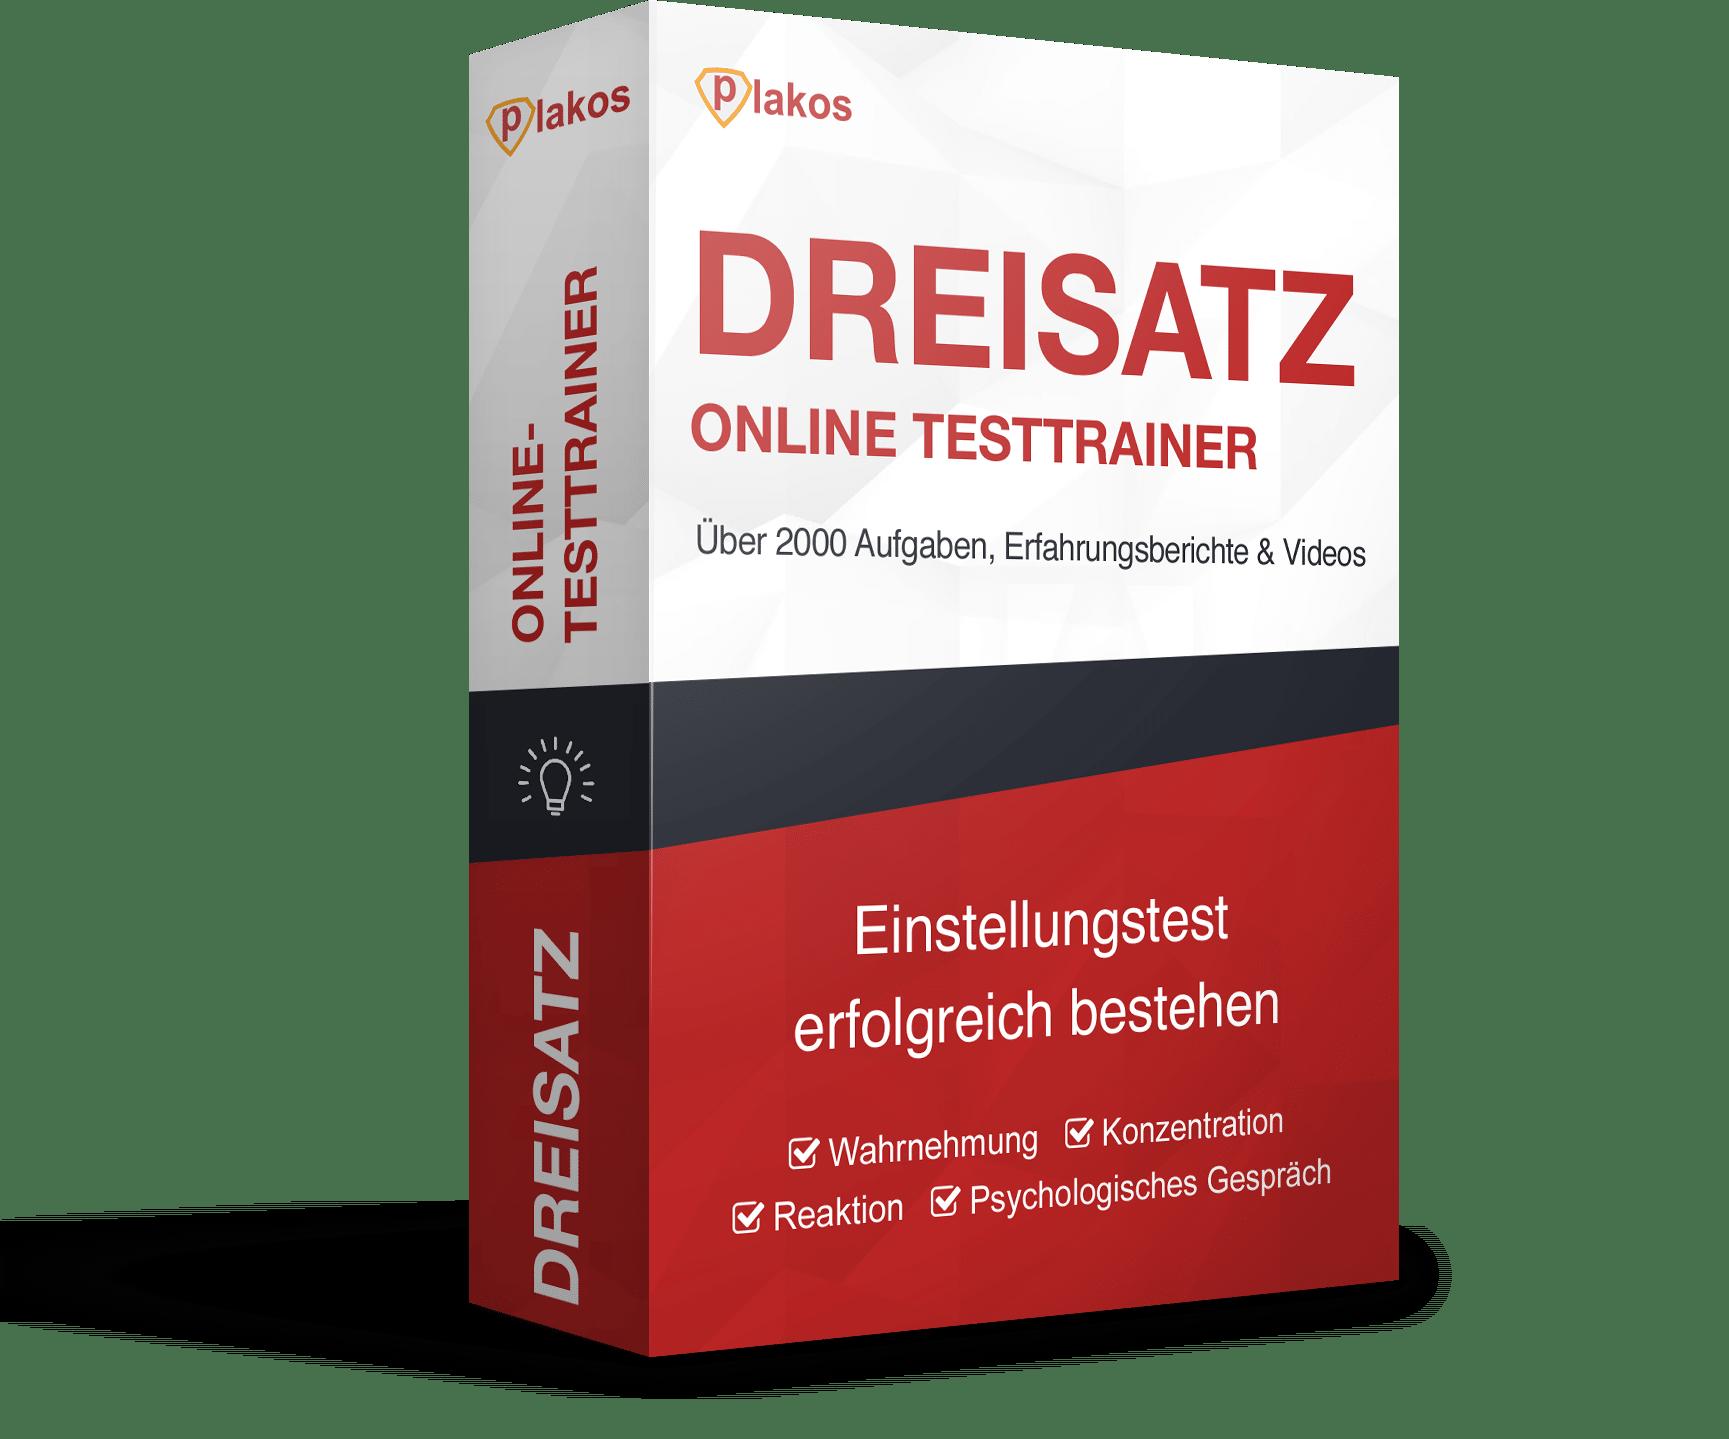 Dreisatz Online Testtrainer